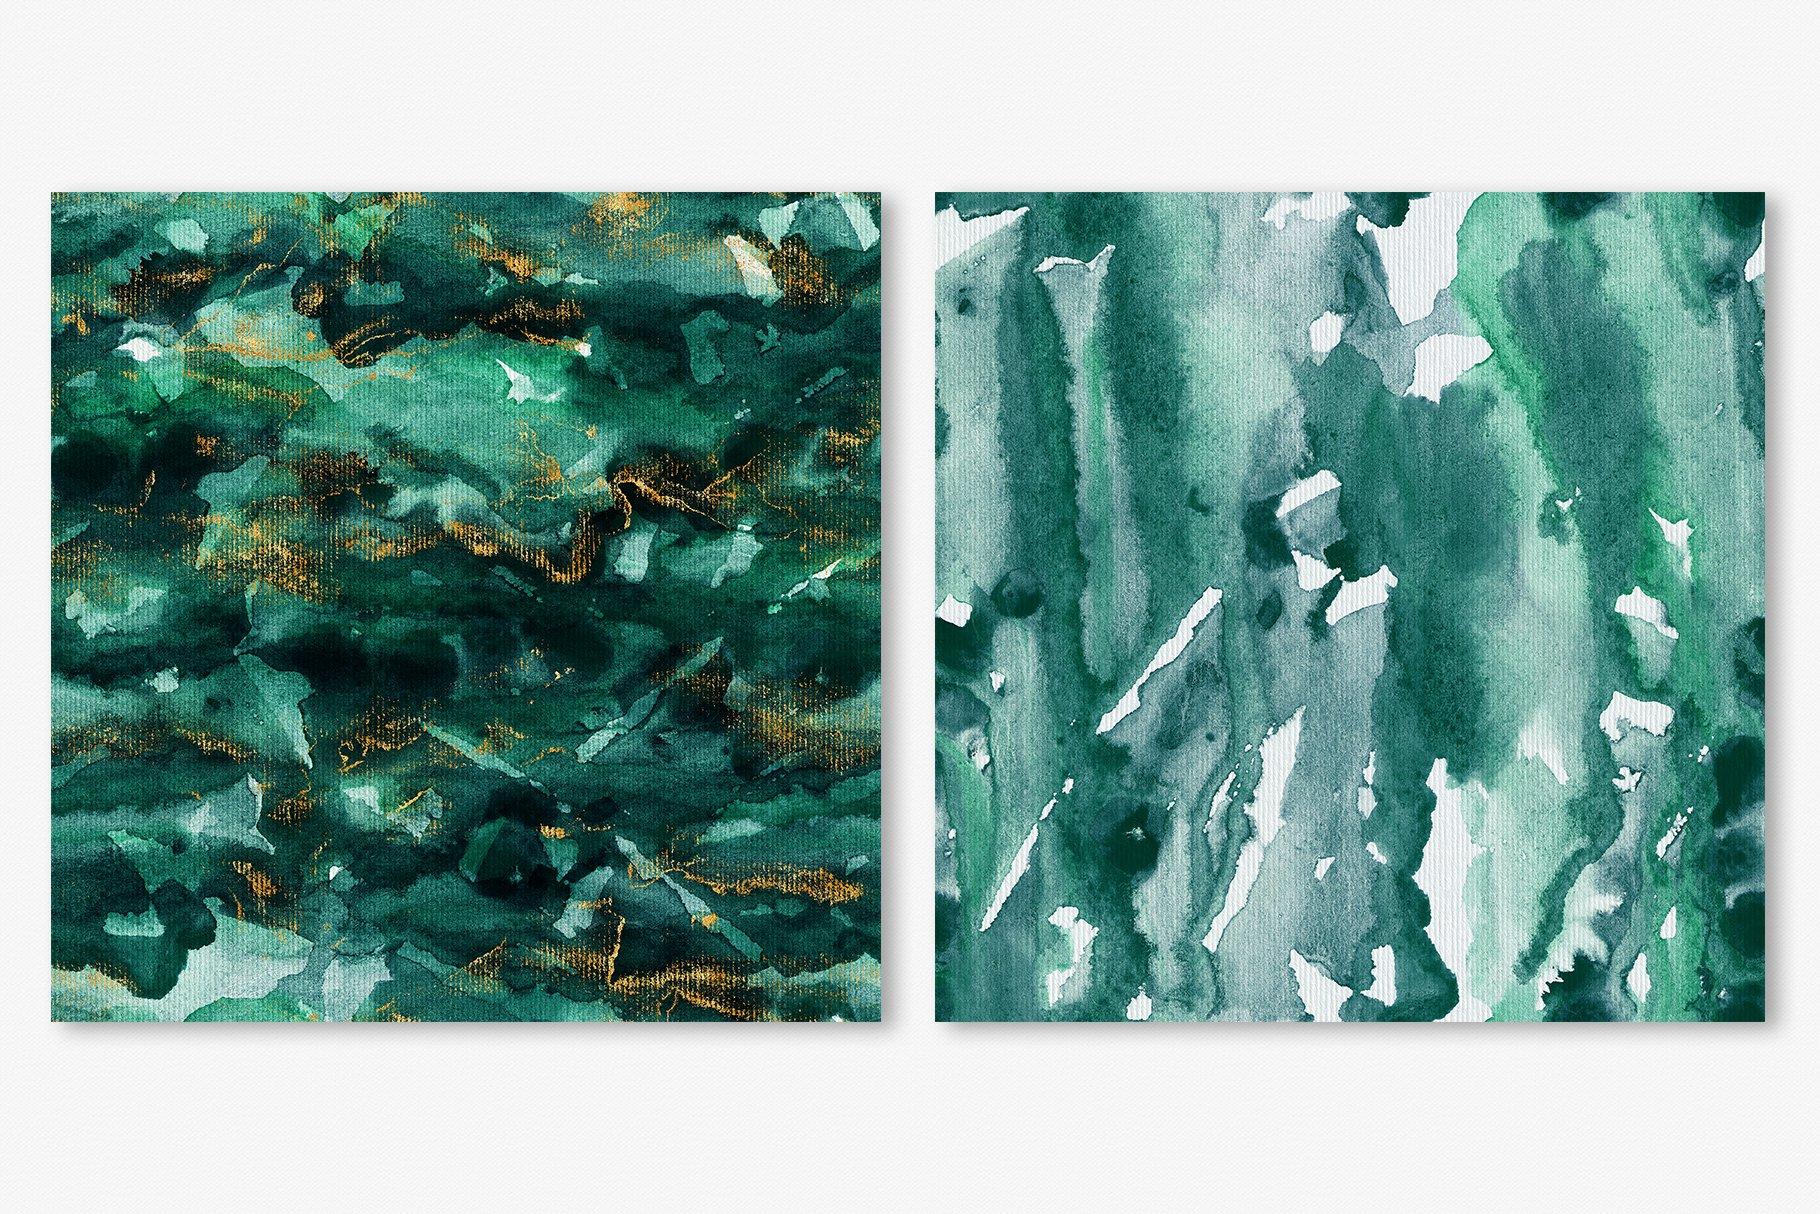 30款奢华翡翠墨绿流金水彩抽象艺术装饰背景底纹图片素材 Seamless Watercolor Backgrounds插图11